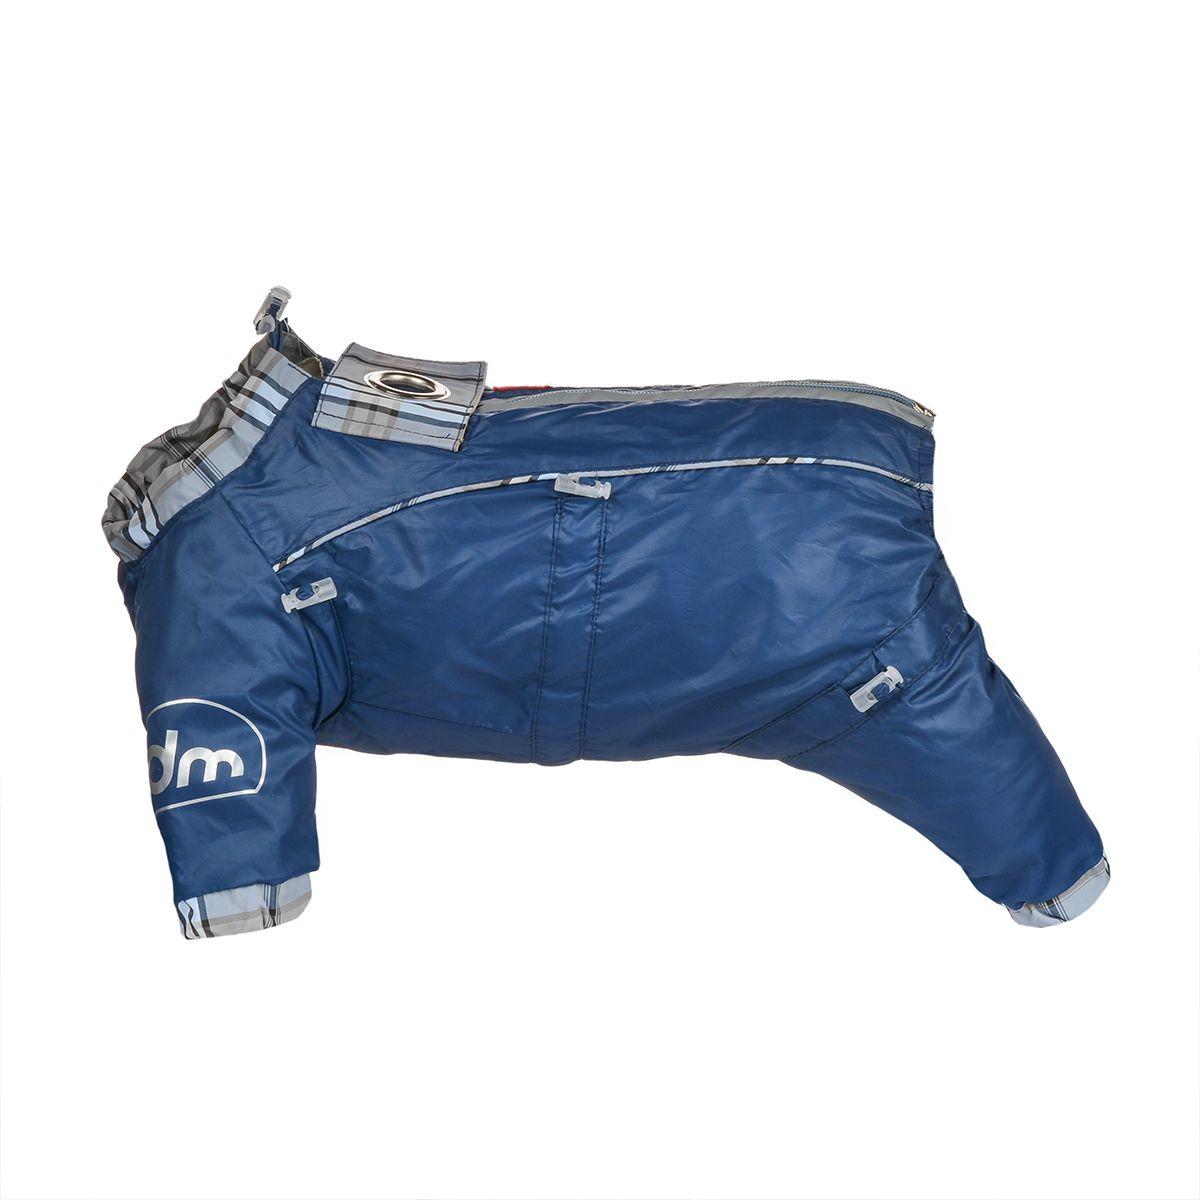 Комбинезон для собак Dogmoda Doggs, для мальчика, цвет: темно-синий. Размер M0120710Комбинезон для собак Dogmoda Doggs отлично подойдет для прогулок в ветреную погоду.Комбинезон изготовлен из полиэстера, защищающего от ветра и осадков, с подкладкой из вискозы, которая обеспечит отличный воздухообмен. Комбинезон застегивается на молнию и липучку, благодаря чему его легко надевать и снимать. Молния снабжена светоотражающими элементами. Низ рукавов и брючин оснащен внутренними резинками, которые мягко обхватывают лапки, не позволяя просачиваться холодному воздуху. На вороте, пояснице и лапках комбинезон затягивается на шнурок-кулиску с затяжкой. Модель снабжена непромокаемым карманом для размещения записки с информацией о вашем питомце, на случай если он потеряется.Благодаря такому комбинезону простуда не грозит вашему питомцу и он не даст любимцу продрогнуть на прогулке.